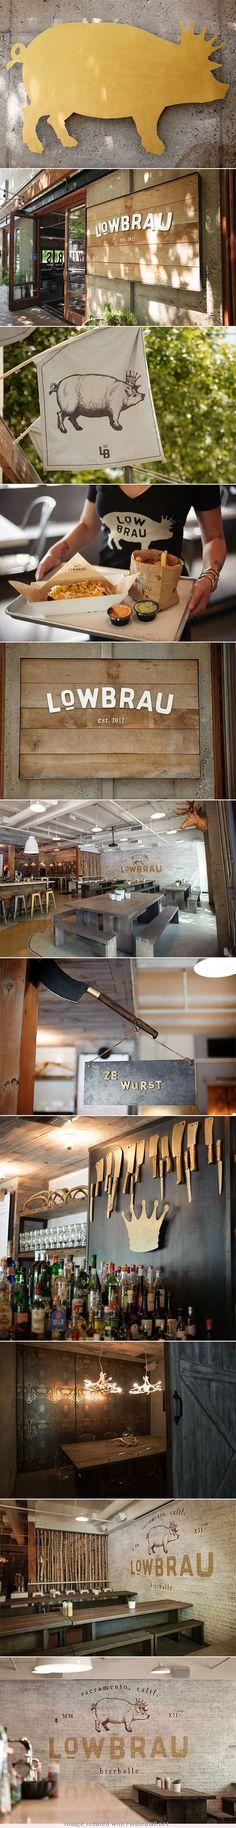 Lowbrau. Not a lowbrow restaurant. #interior #design (More design inspiration at www.aldenchong.com)